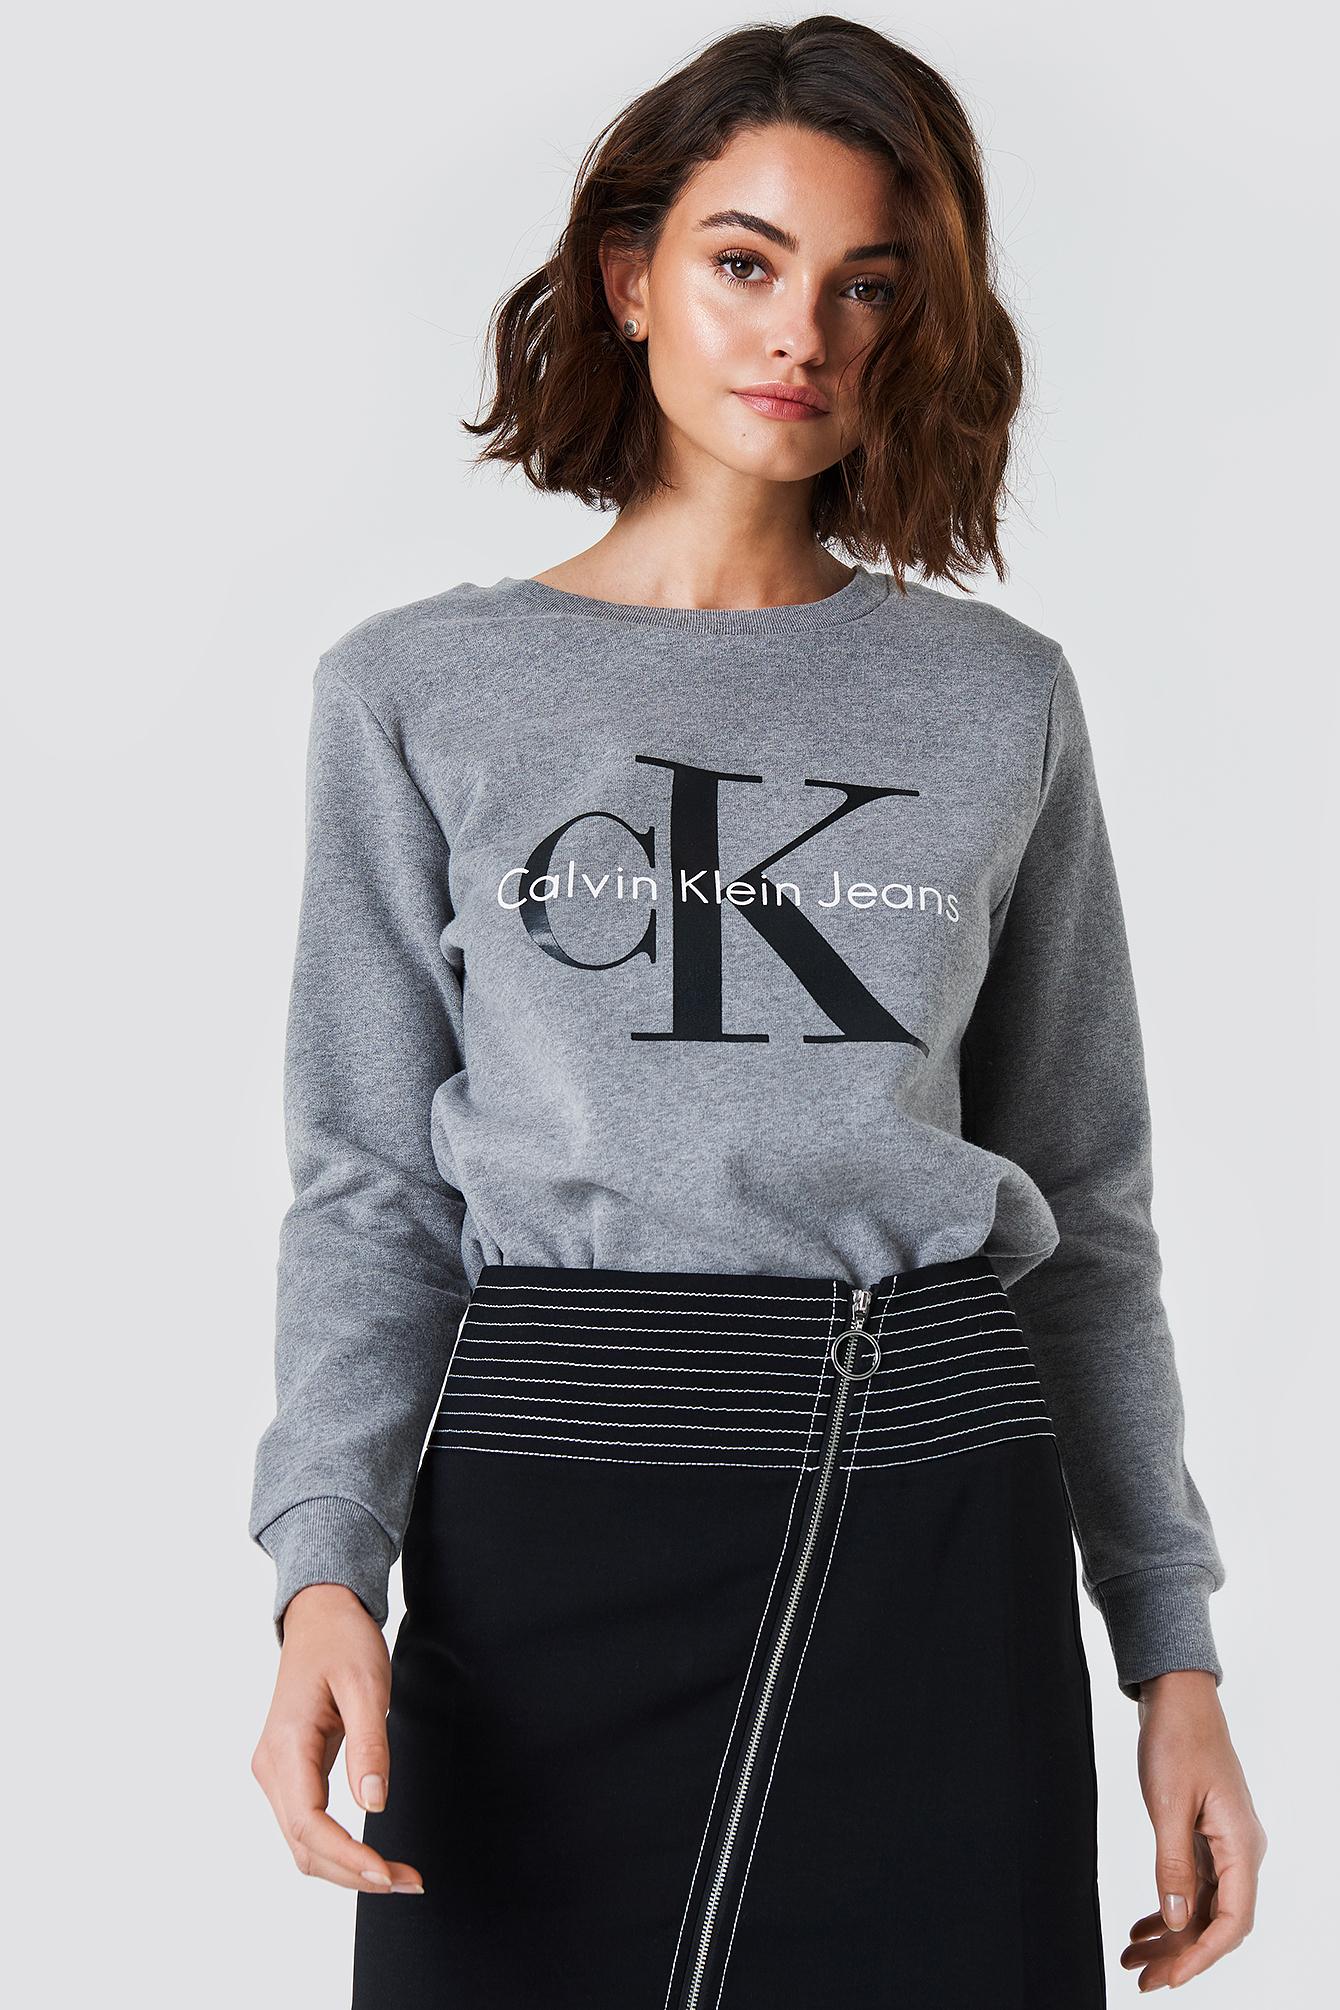 6bbc72cef92f Calvin Klein tröjor - hitta bästa butikspris och få cashback ...